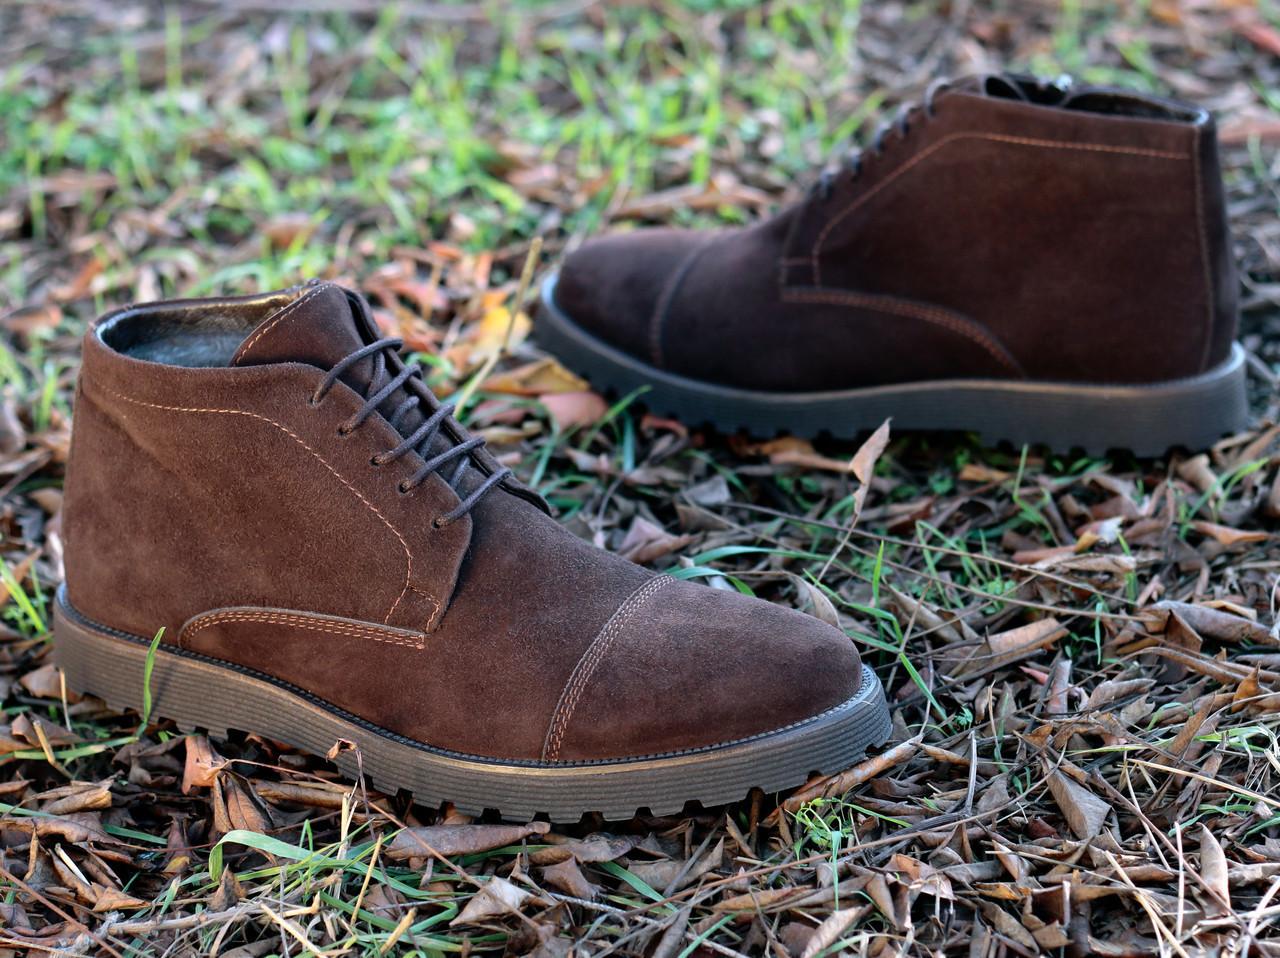 Ботинки Etor 11982-08-847 44 коричневые